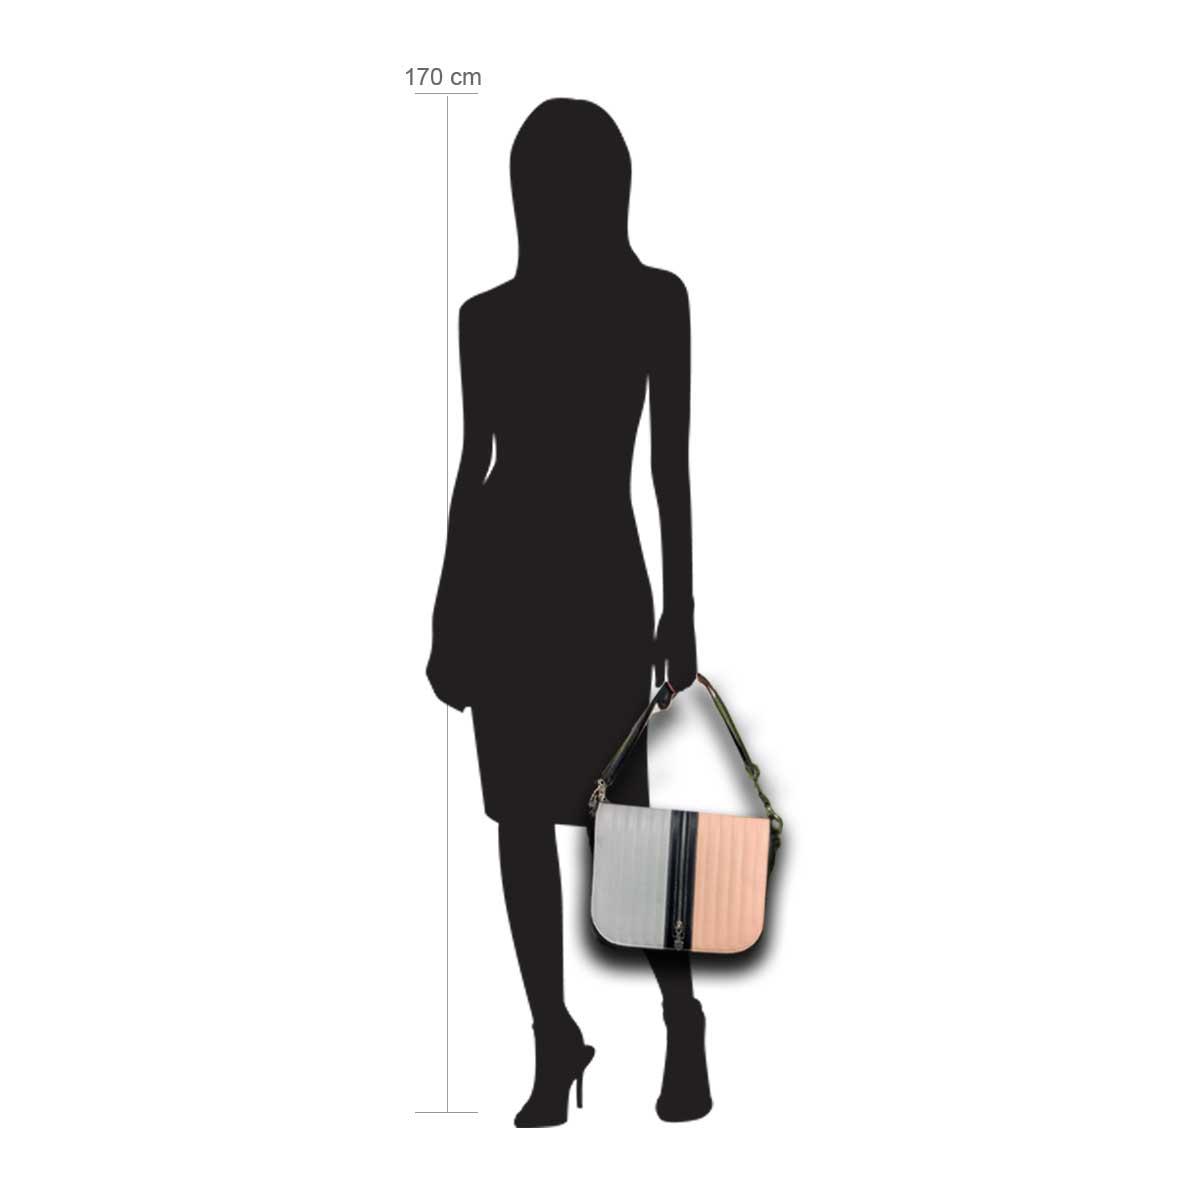 Modellpuppe 170 cm groß zeigt die Handtaschengröße an der Person Modell:Aignes